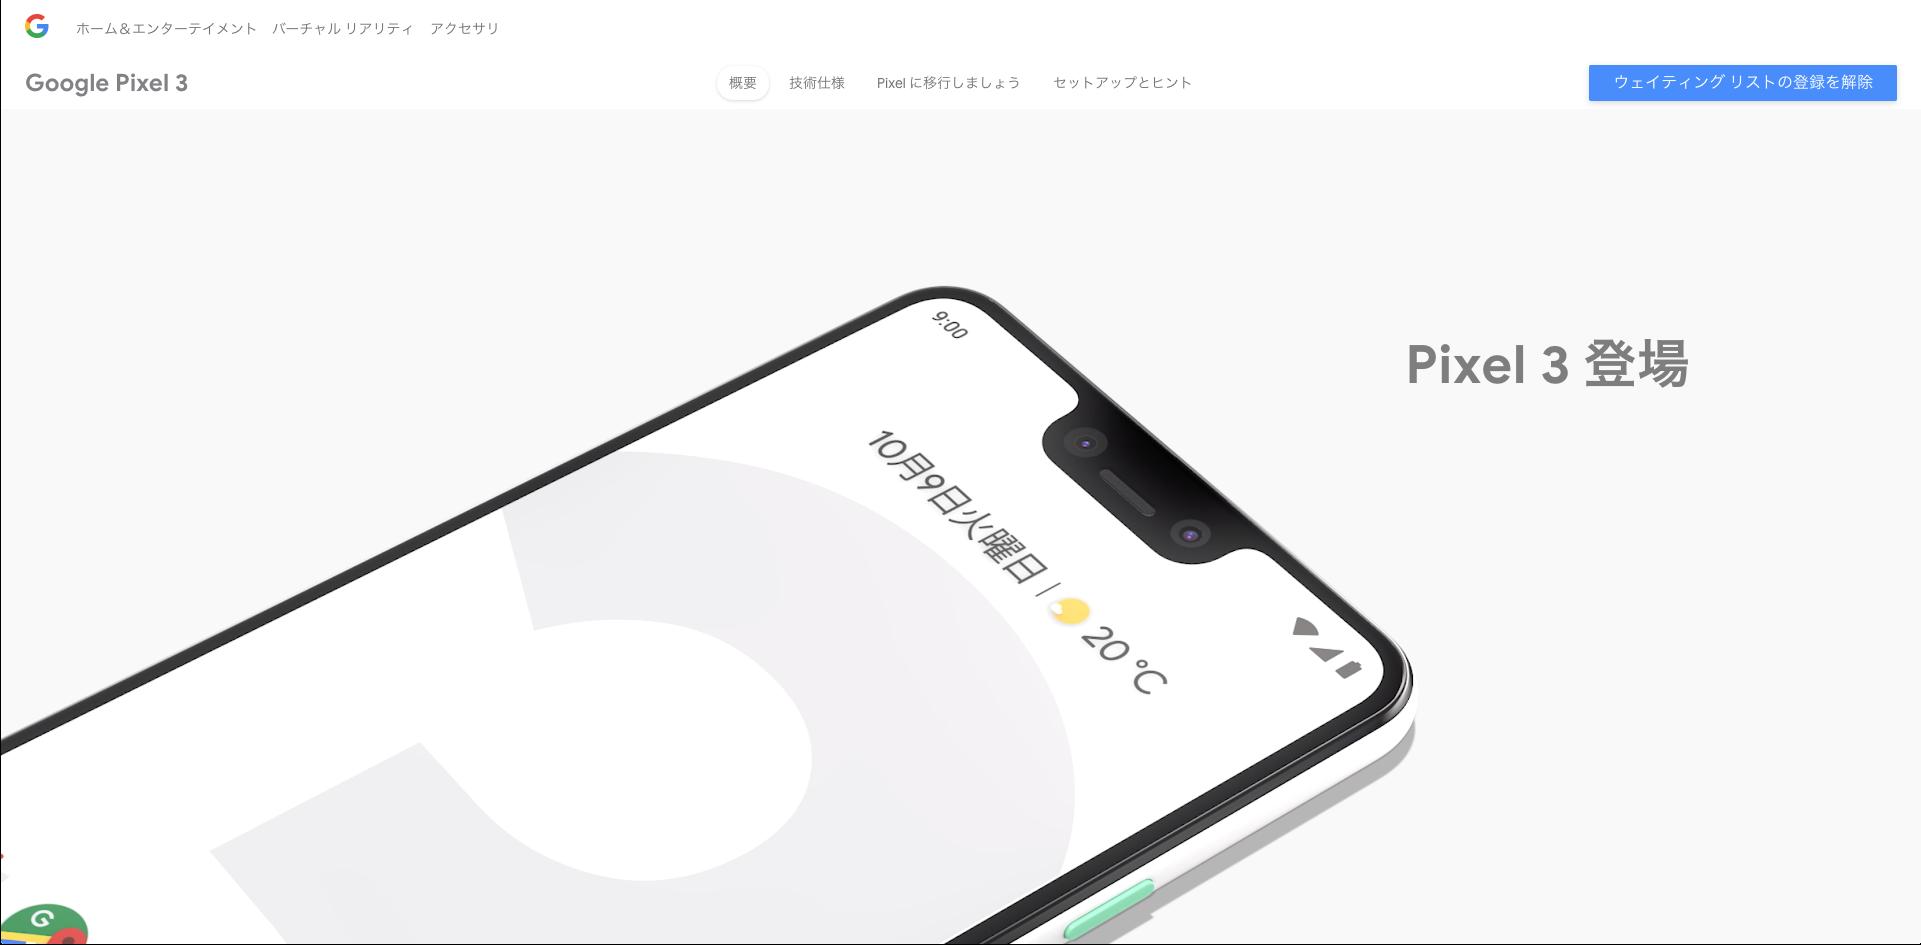 速報:Pixel 3 / Pixel 3 XLが正式発表。FeliCa内蔵、おサイフケータイ対応で日本発売